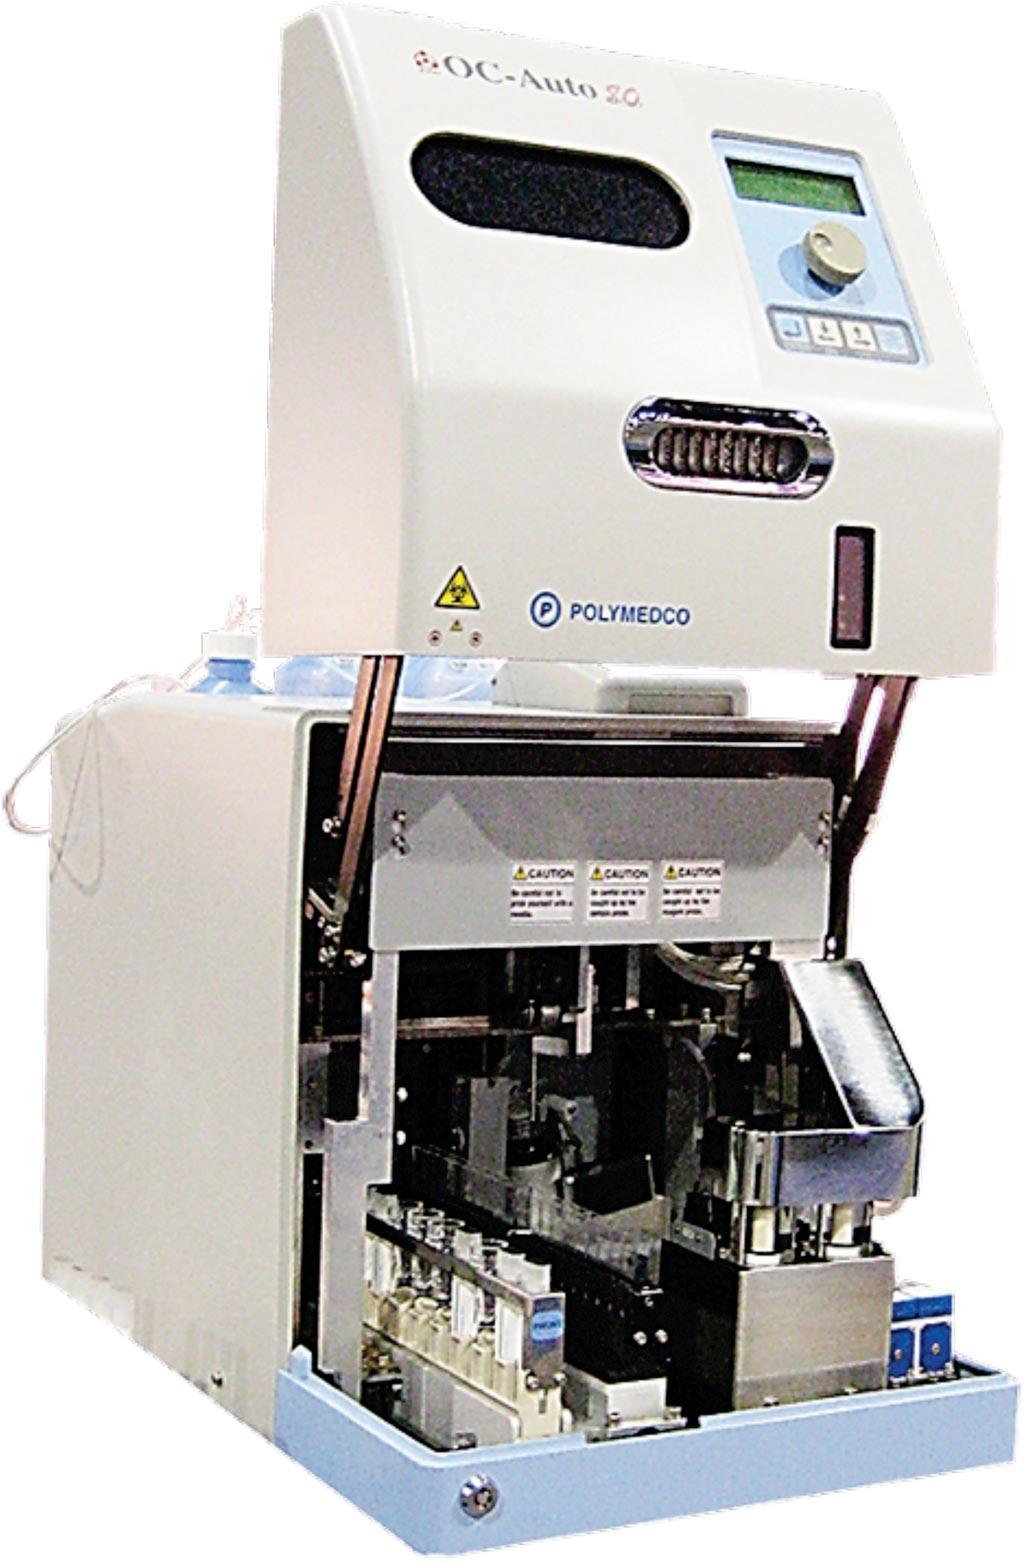 Image: The Polymedco OC auto 80 analyzer (Photo courtesy of Polymedco).